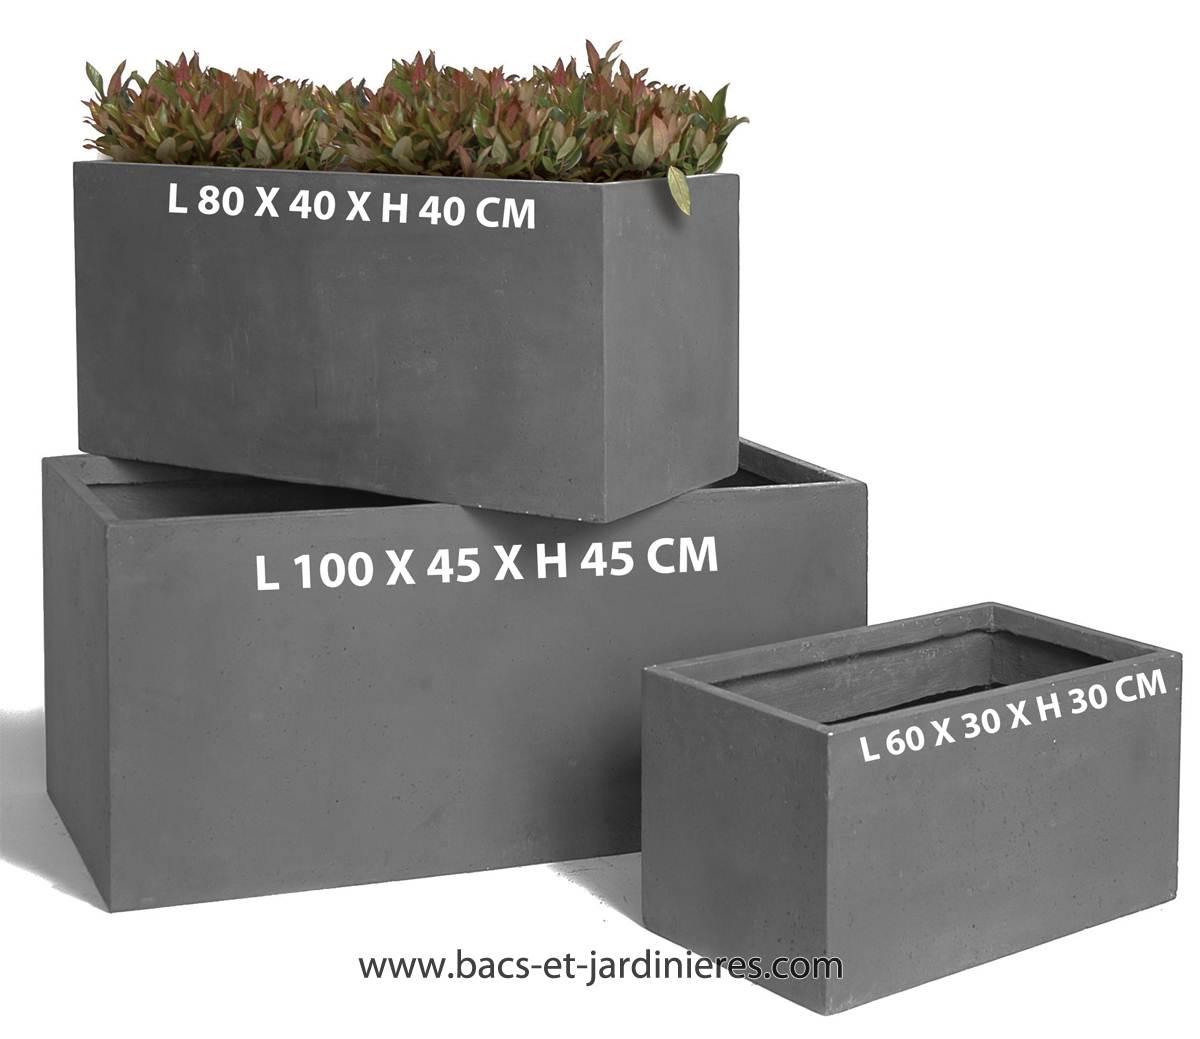 Jardiniere L 60 x 30 x H 30 cm Fibre de terre Gris fonce exterieur T1